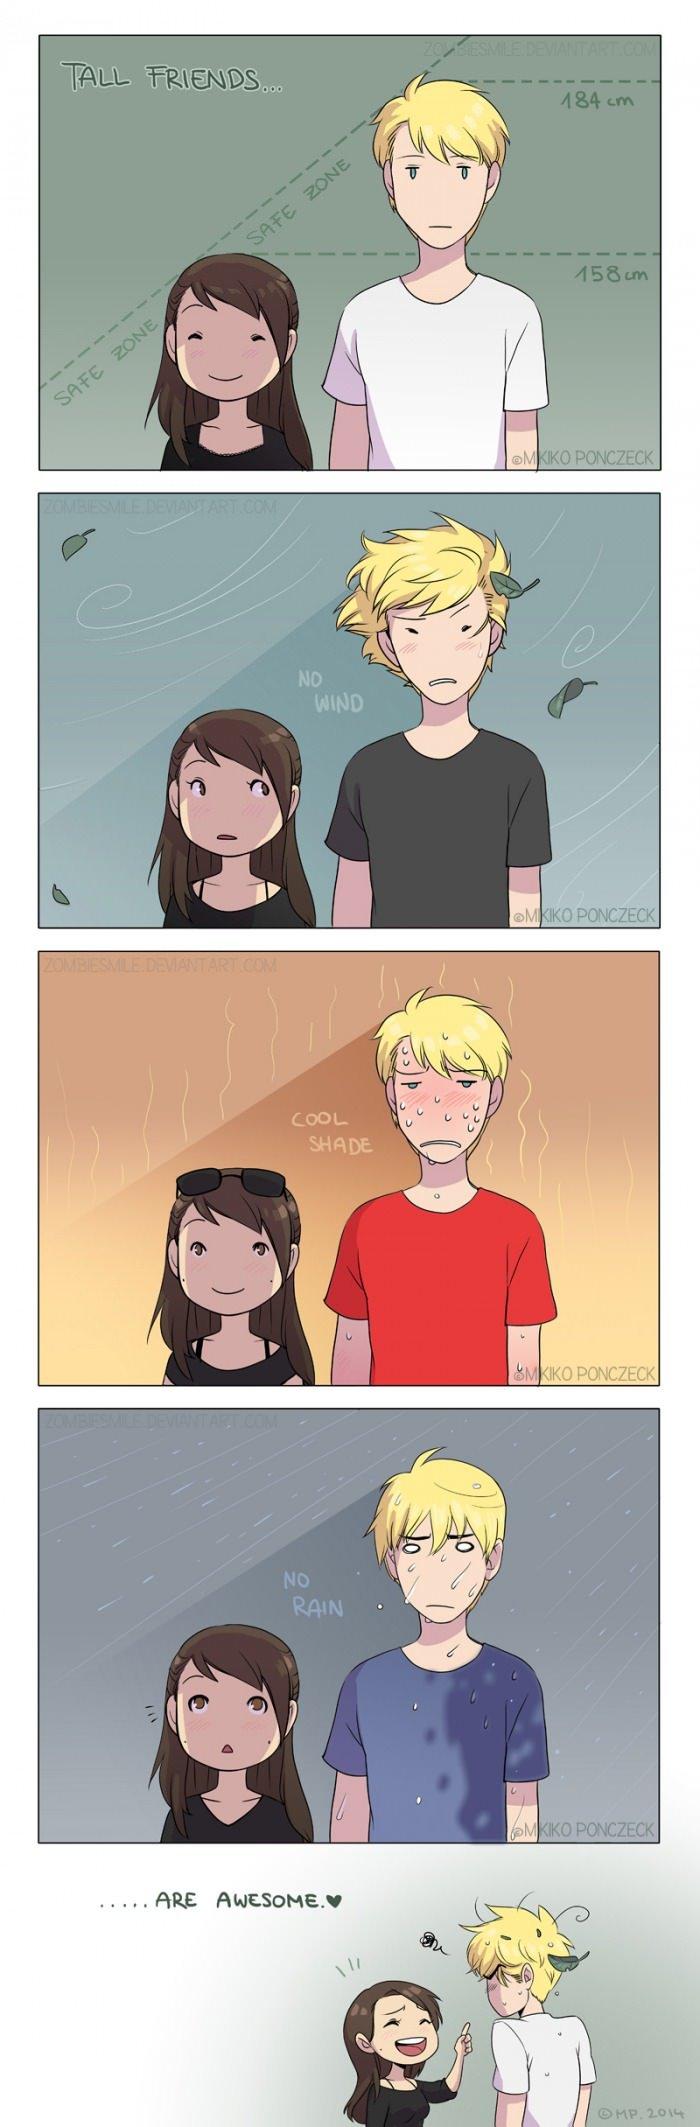 فوائد ان تكون الفتاة قصيرة